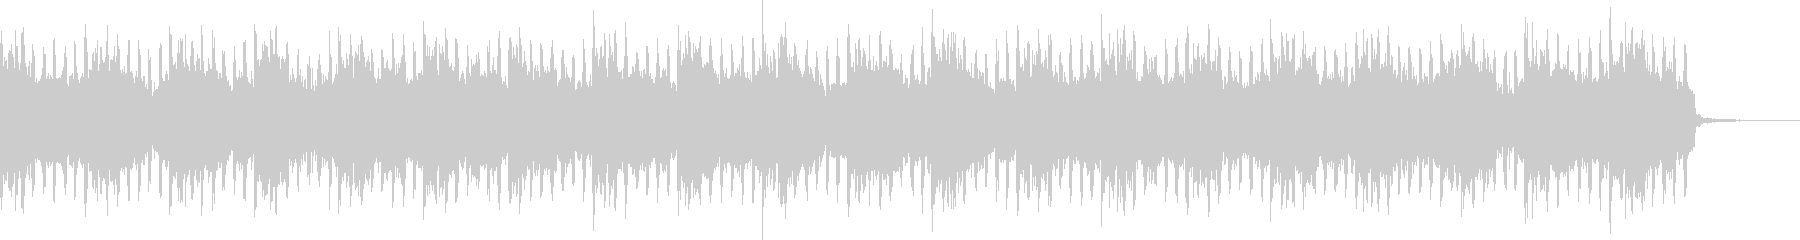 ニュース原稿シンプルトランス汎用BGMの未再生の波形